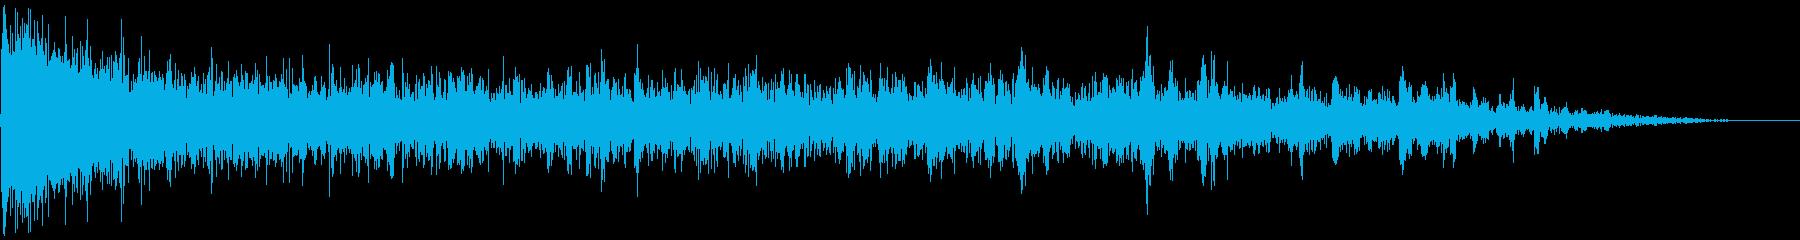 【ゲーム】衝撃音_04 ガチャリンッ!!の再生済みの波形